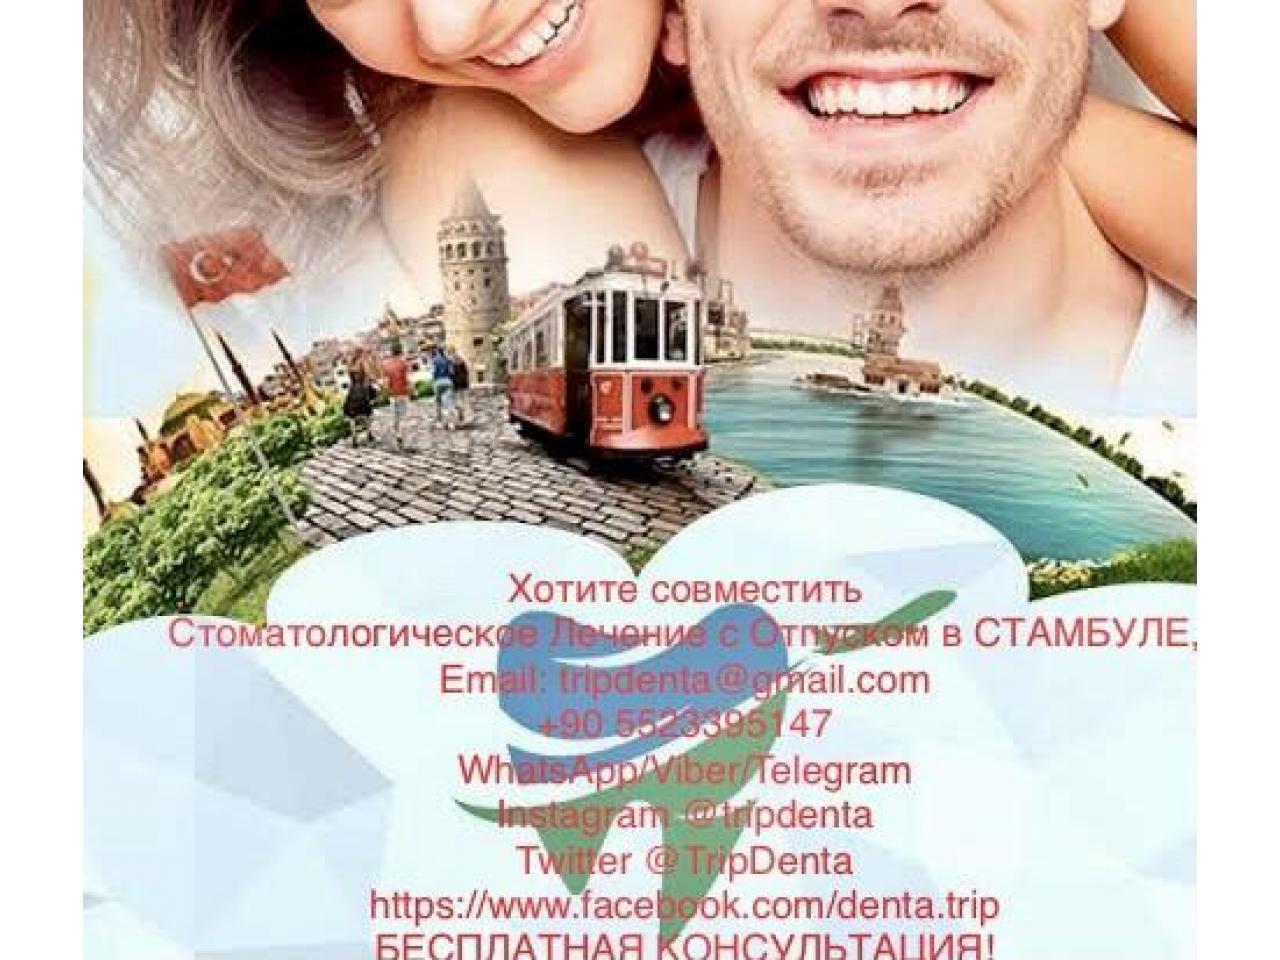 Турция! Отдых и Лечение! Стоматологические/Эстетические услуги в клиниках Стамбула - 1